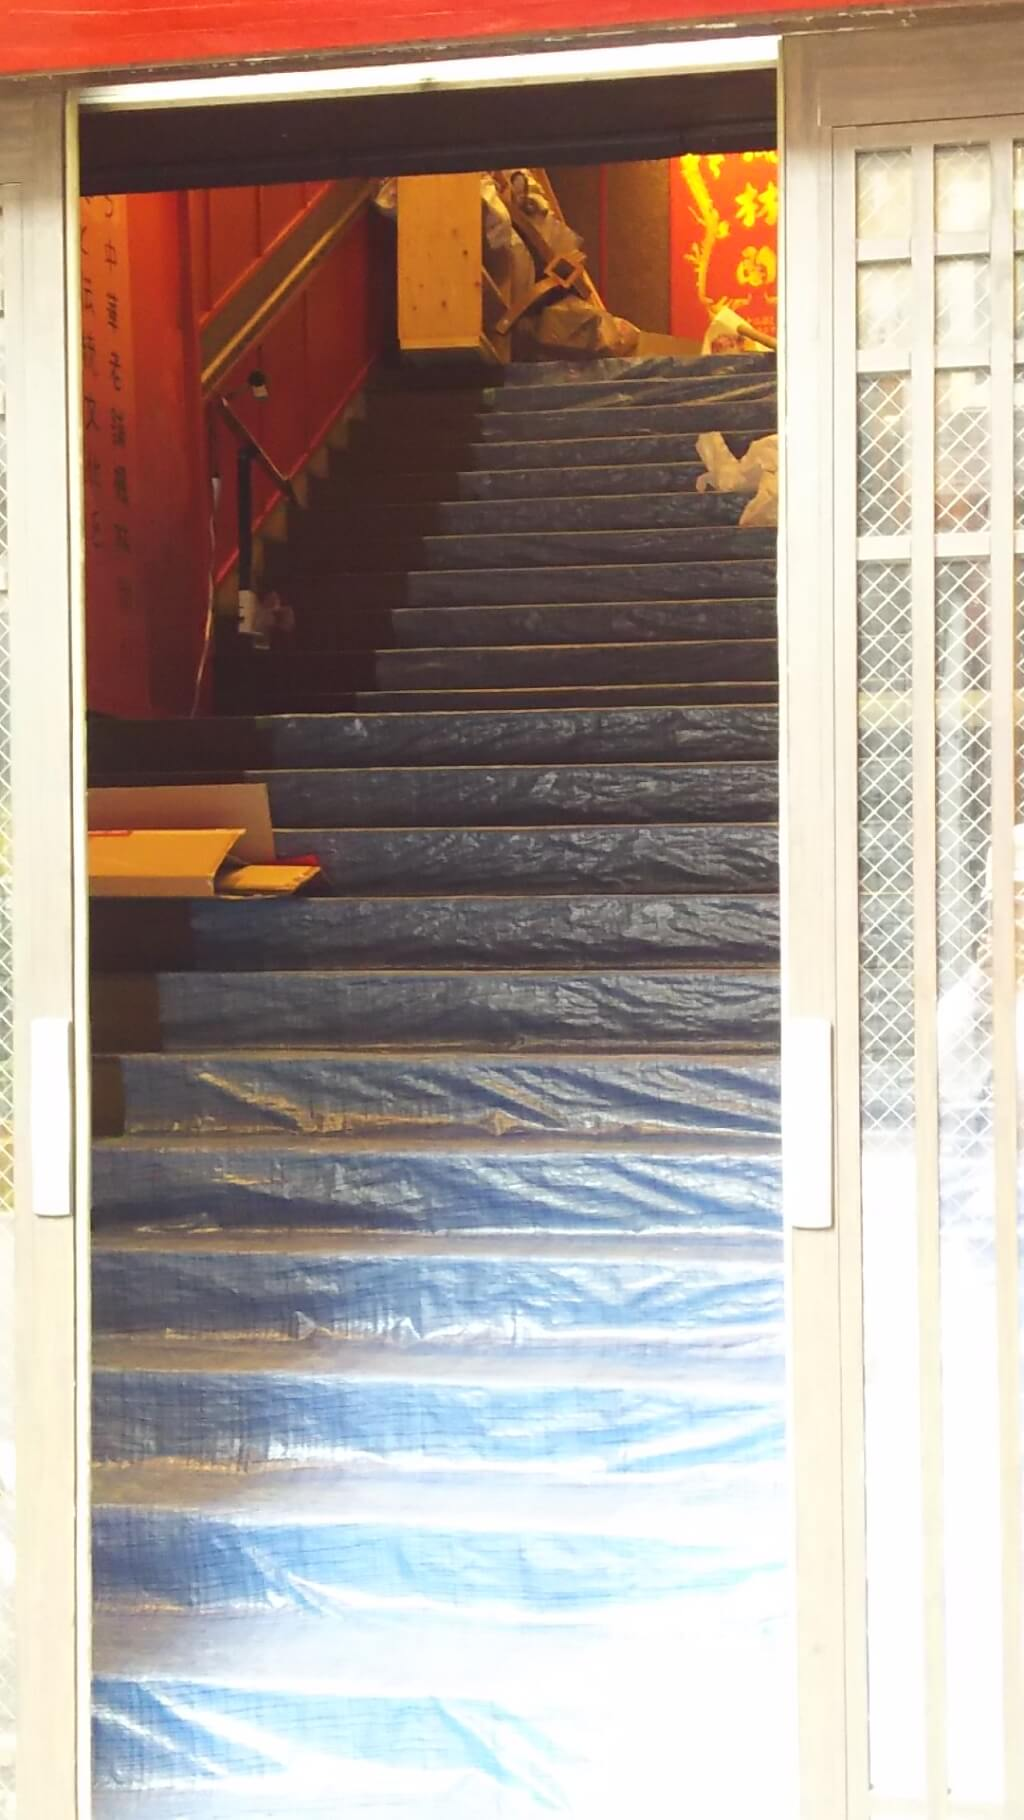 楓林閣 十三店 店内階段